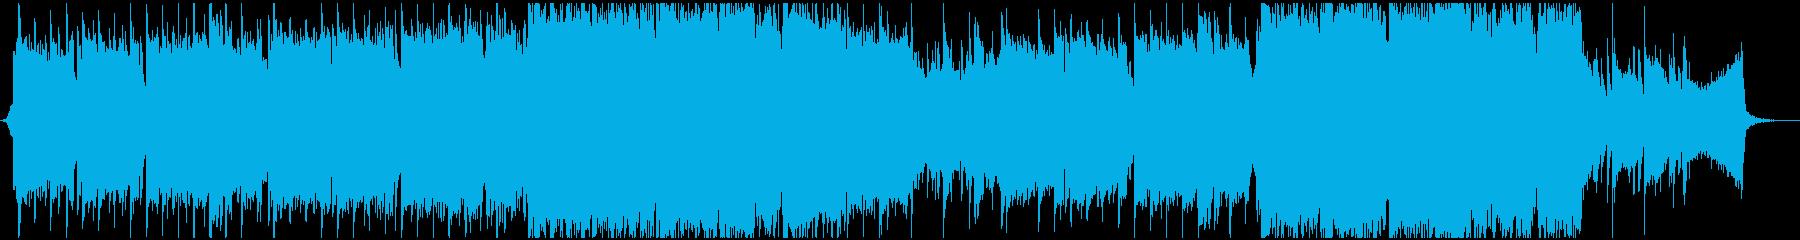 ティンホイッスルがメインの切ない曲の再生済みの波形